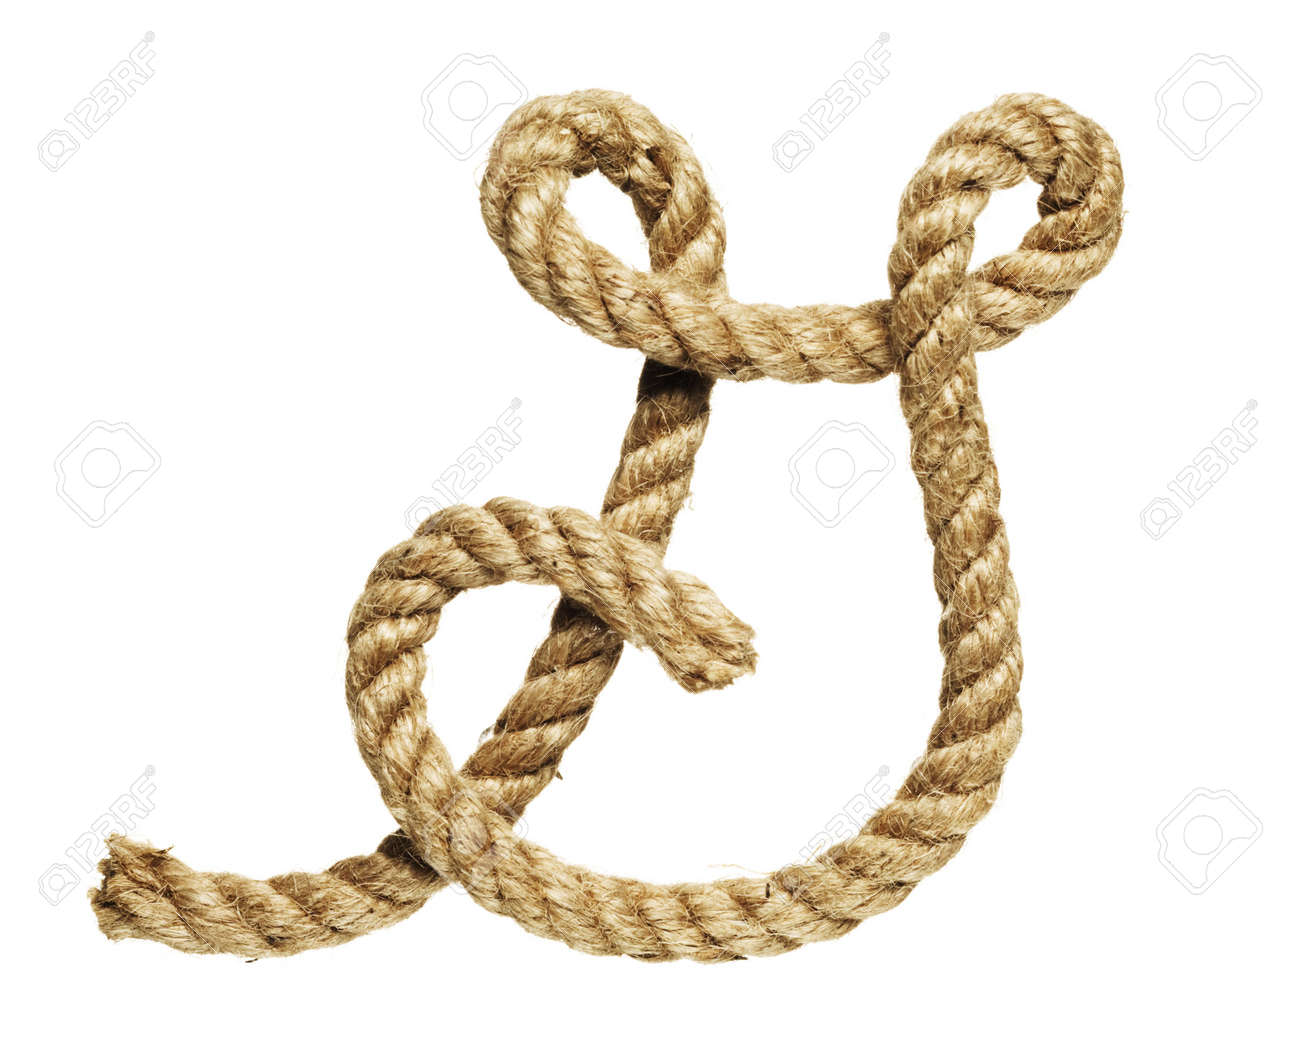 Alte Natürliche Faser-Seil Verbogen In Form Von Buchstaben G ...